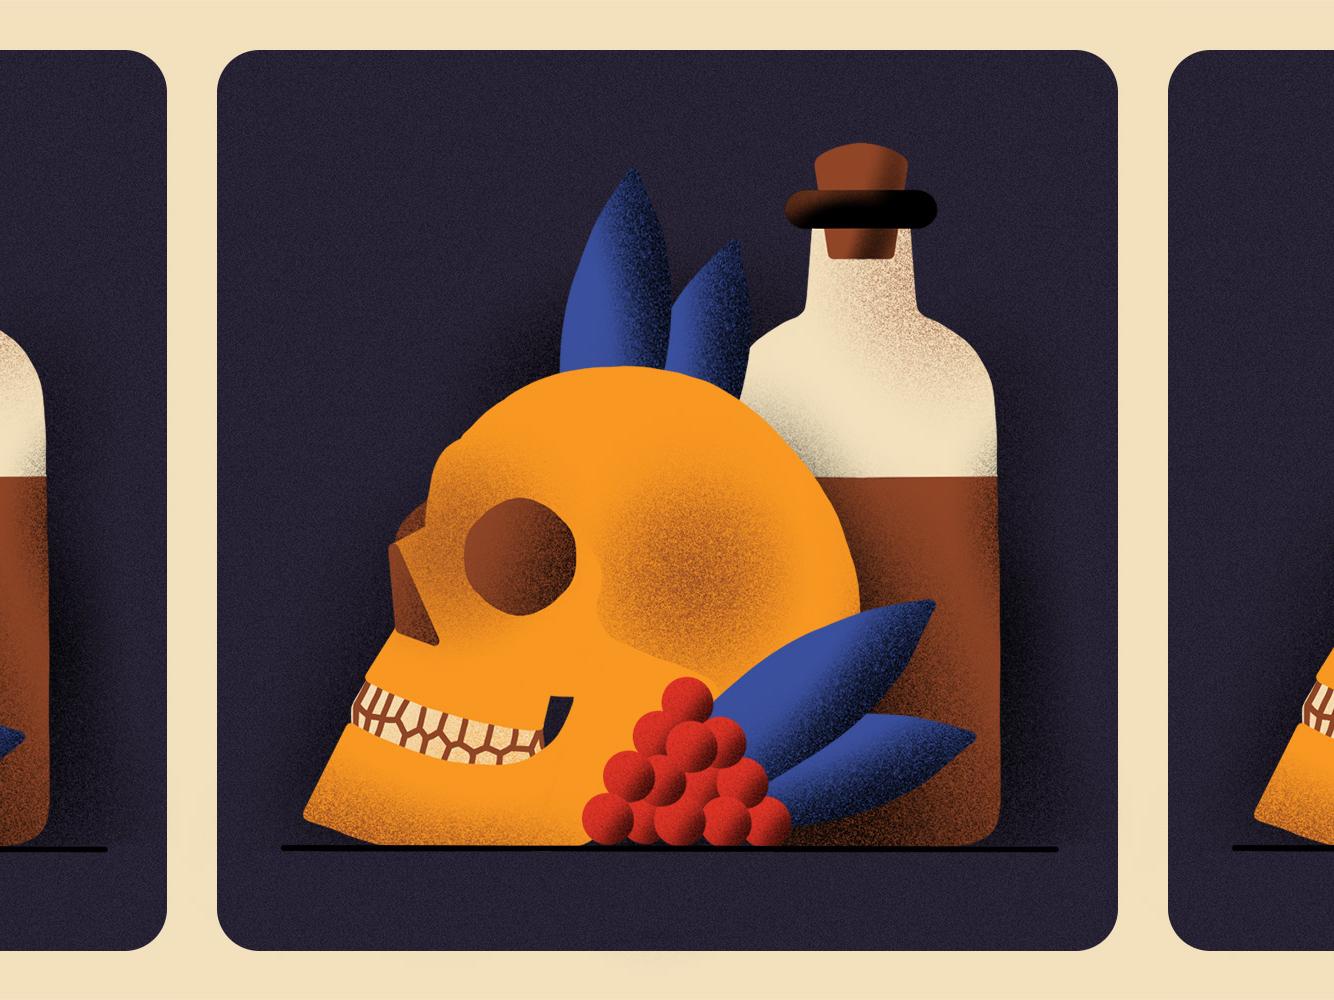 Inktober 01 - Poisonous poison skull ipadpro procreate inktober2018 inktober